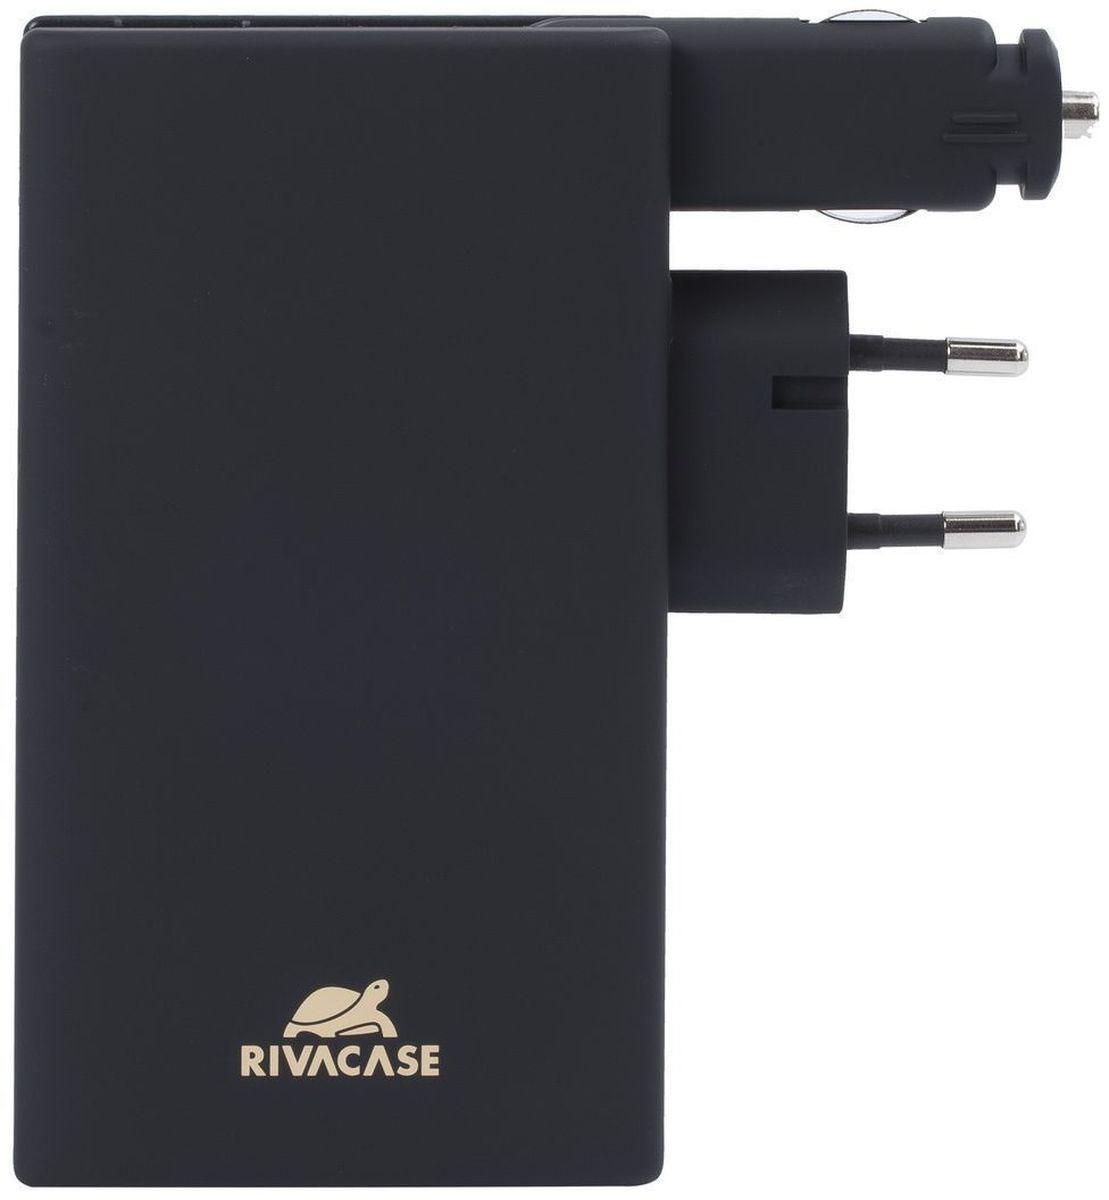 Rivapower VA4749, Black внешний аккумулятор (5000 мАч)VA 4749Rivapower VA4749- это литий-полимерный аккумулятор. Совместим с большинством популярных моделей смартфонов и планшетов, включаяiPhone 5/6 и iPad 3. Для зарядки устройств Apple необходимо наличие оригинального кабеля Apple Lightning.Имеет защиту от перегрузок, короткого замыкания, чрезмерного заряда и разряда. Имеется функция автоматического включения/выключения.Достаточно подключить кабель к micro-USB разъему мобильного устройства, и он уже заряжается.Для проверки уровня заряда встряхните аккумулятор. 4 светодиодных индикатора покажут оставшийся уровень заряда. Нажмите кнопку назадней стороне устройства, чтобы освободить вилку. По завершении зарядки снова нажмите кнопку, чтобы убрать вилку внутрь устройства. Длязарядки устройства в автомобиле разверните автомобильный штекер и вставьте его в прикуриватель. Не используйте оба зарядных разъемаодновременно.